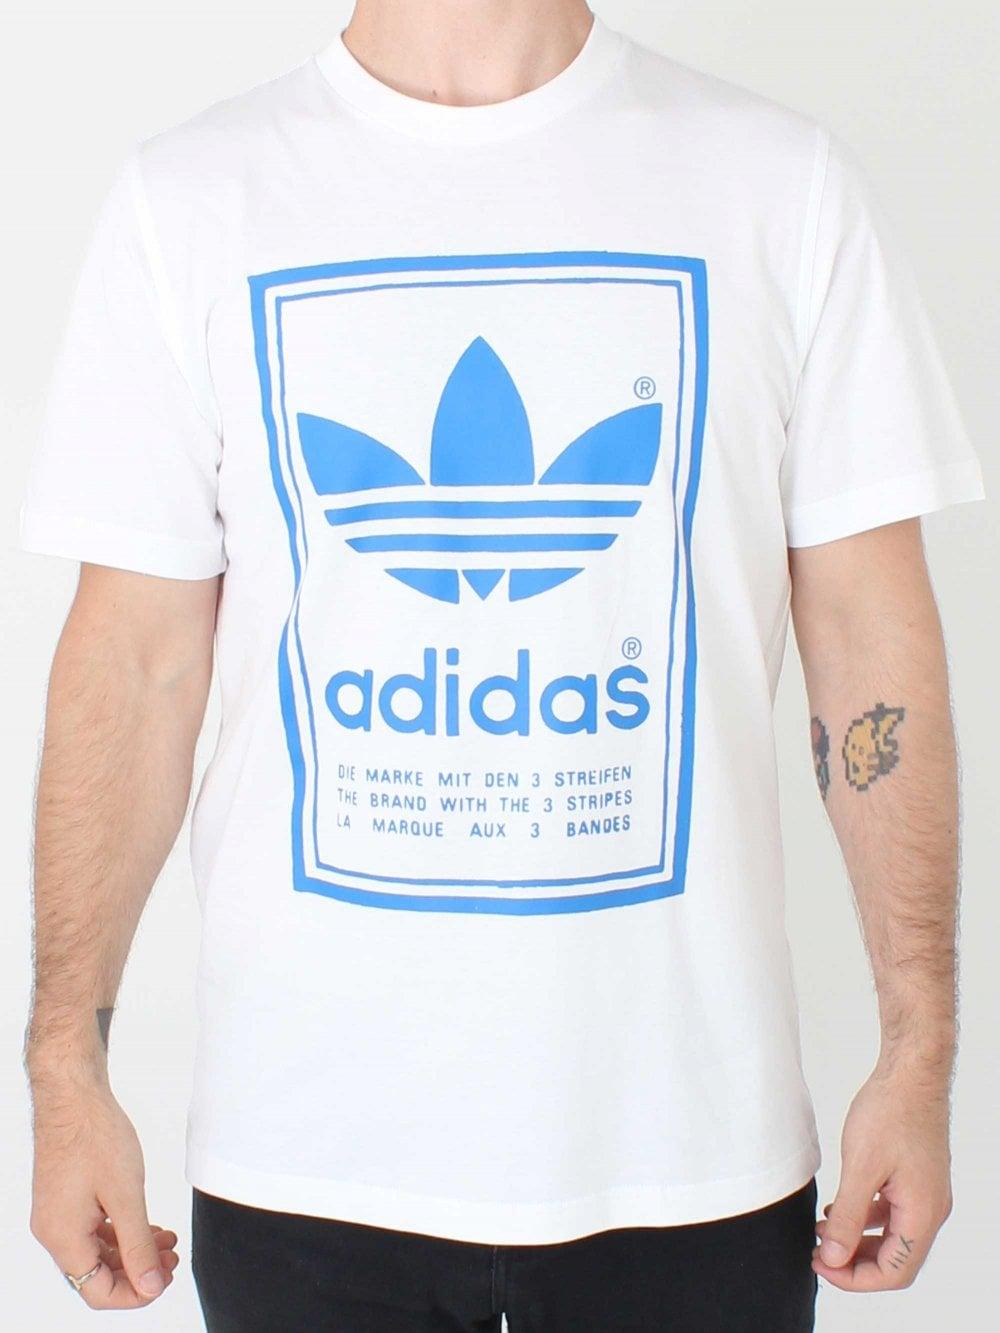 afca3865 adidas Originals Vintage T-Shirt in White | Northern Threads